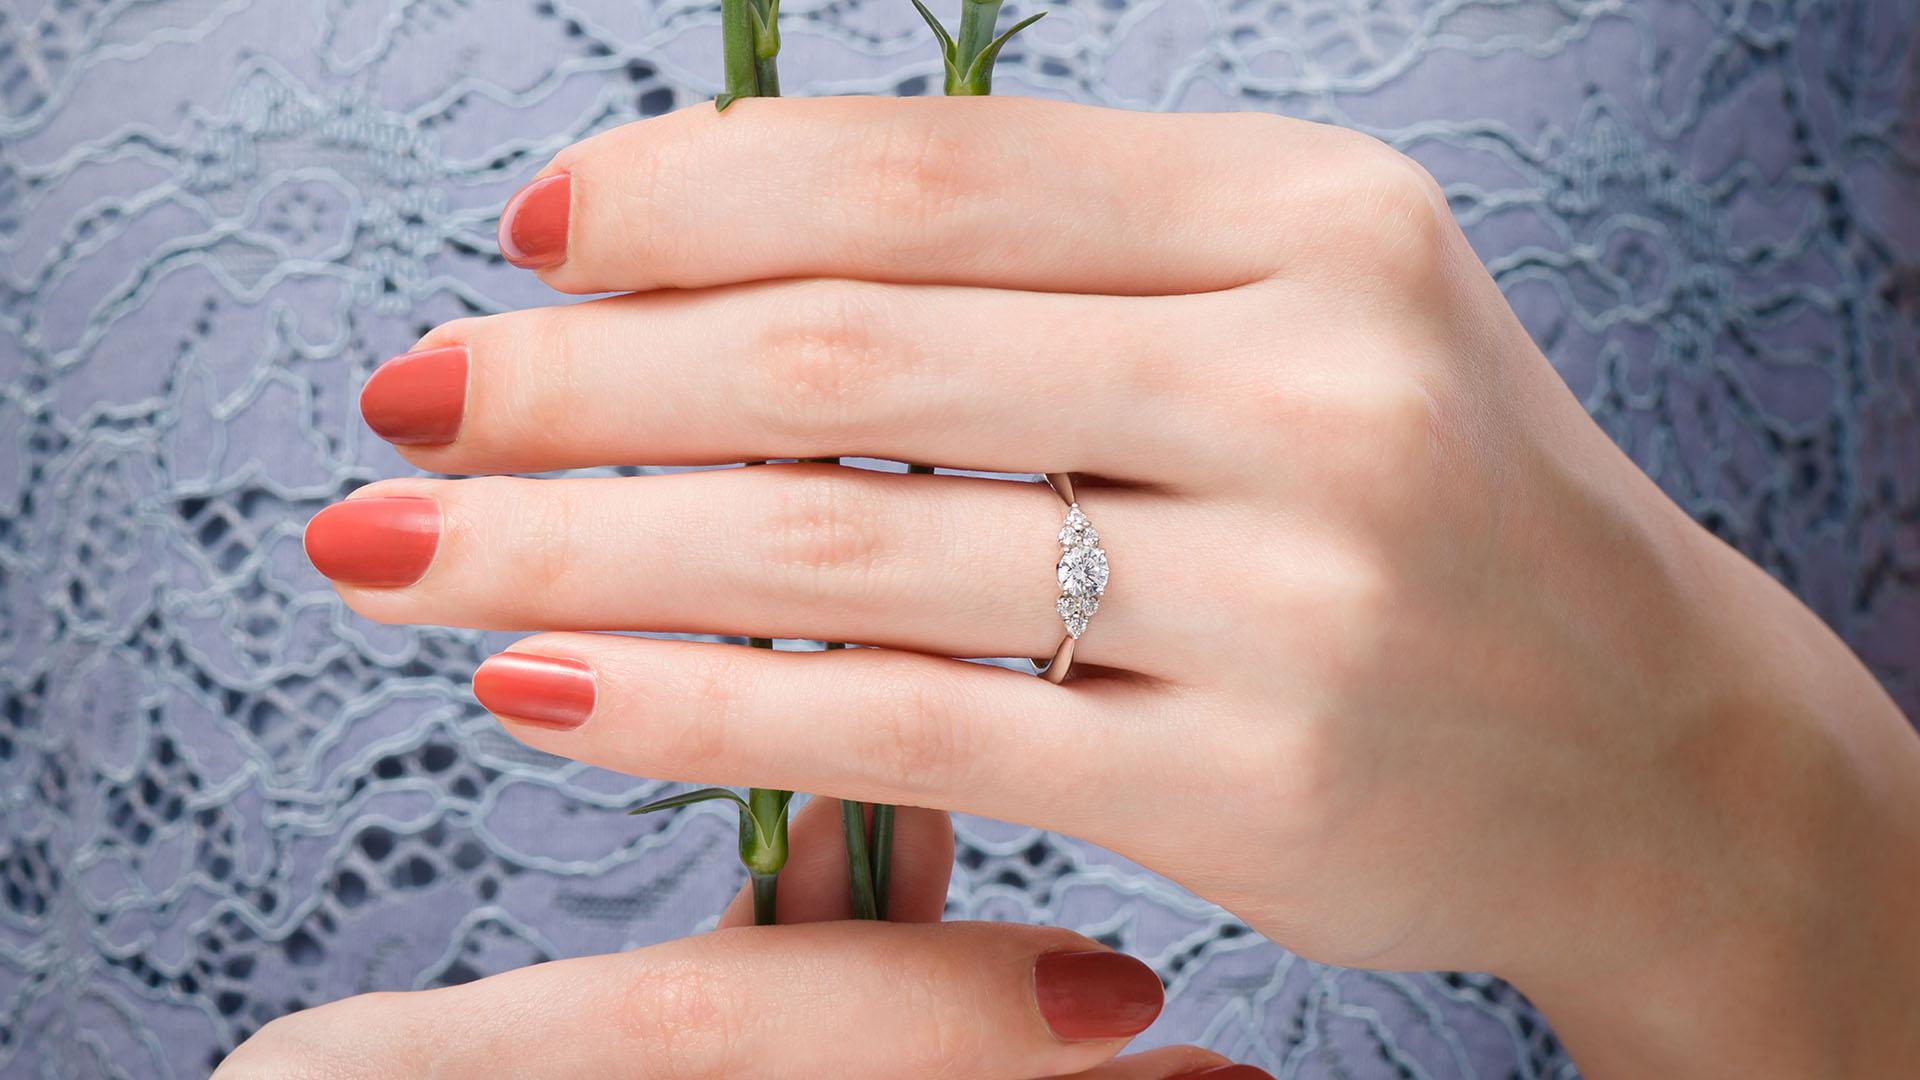 alcyone アルキオーネ   婚約指輪サムネイル 4